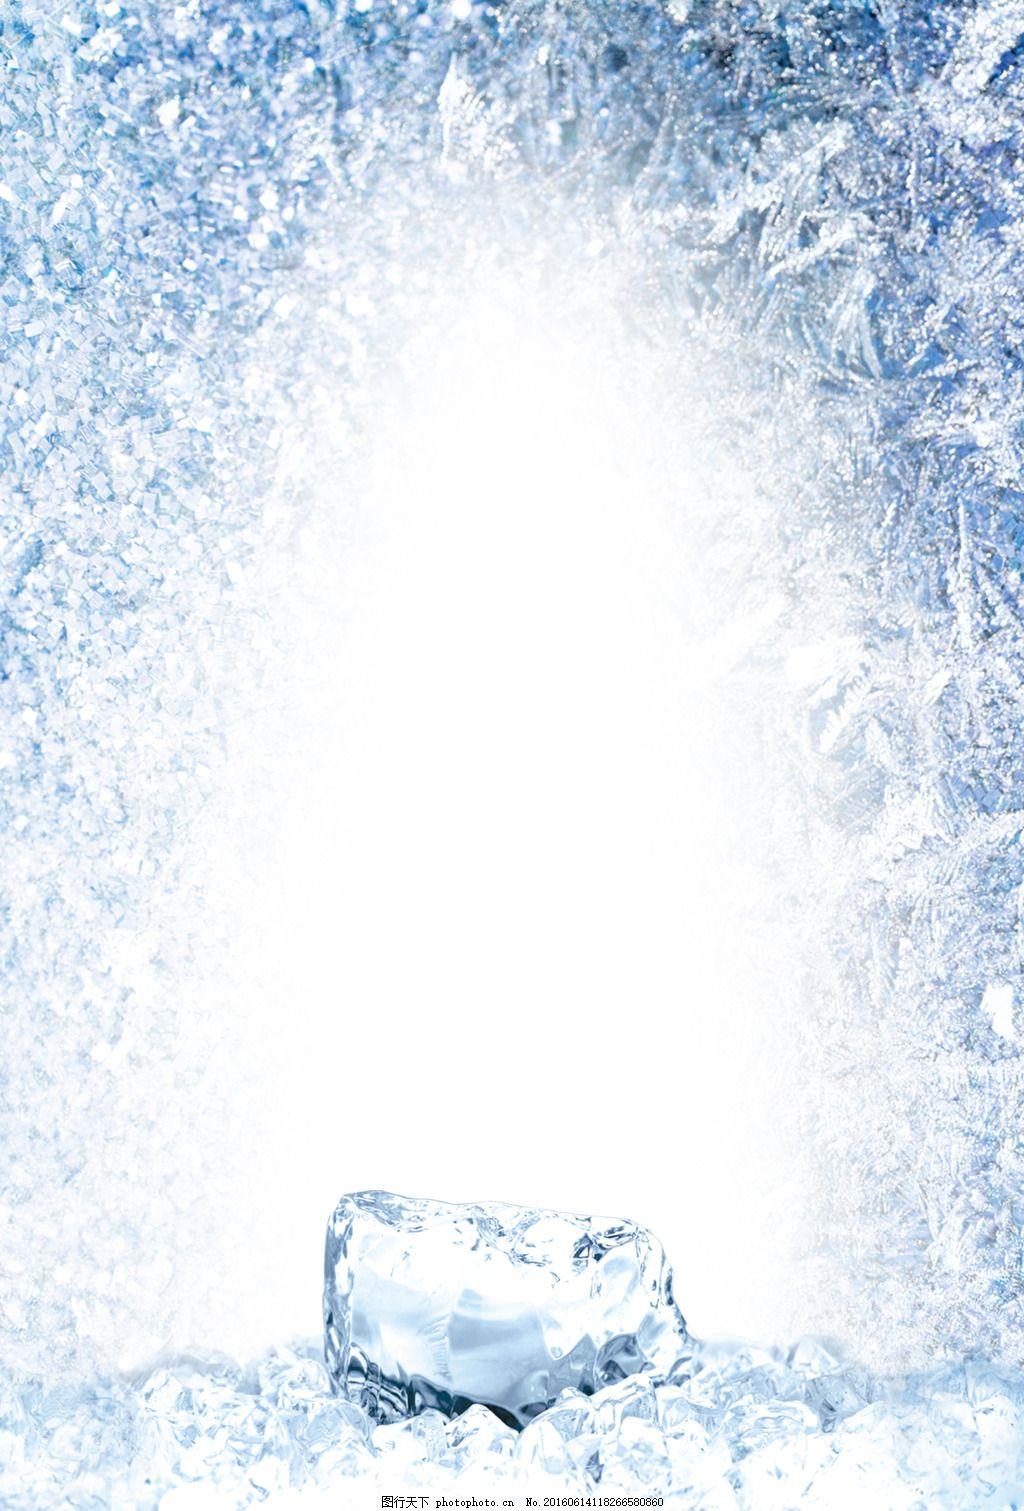 冰块背景图